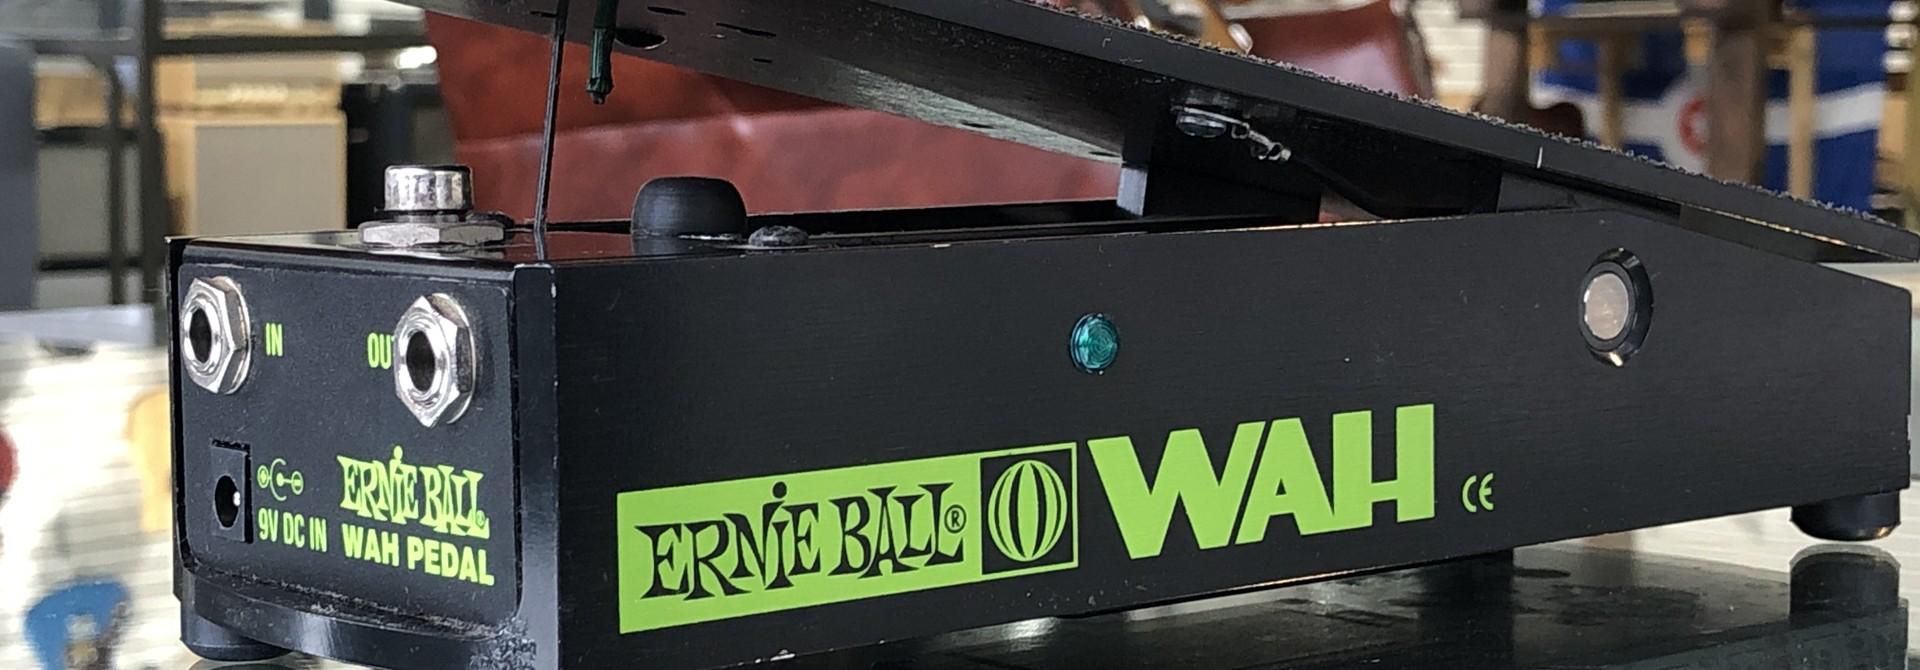 Ernie Ball 6185 Wah